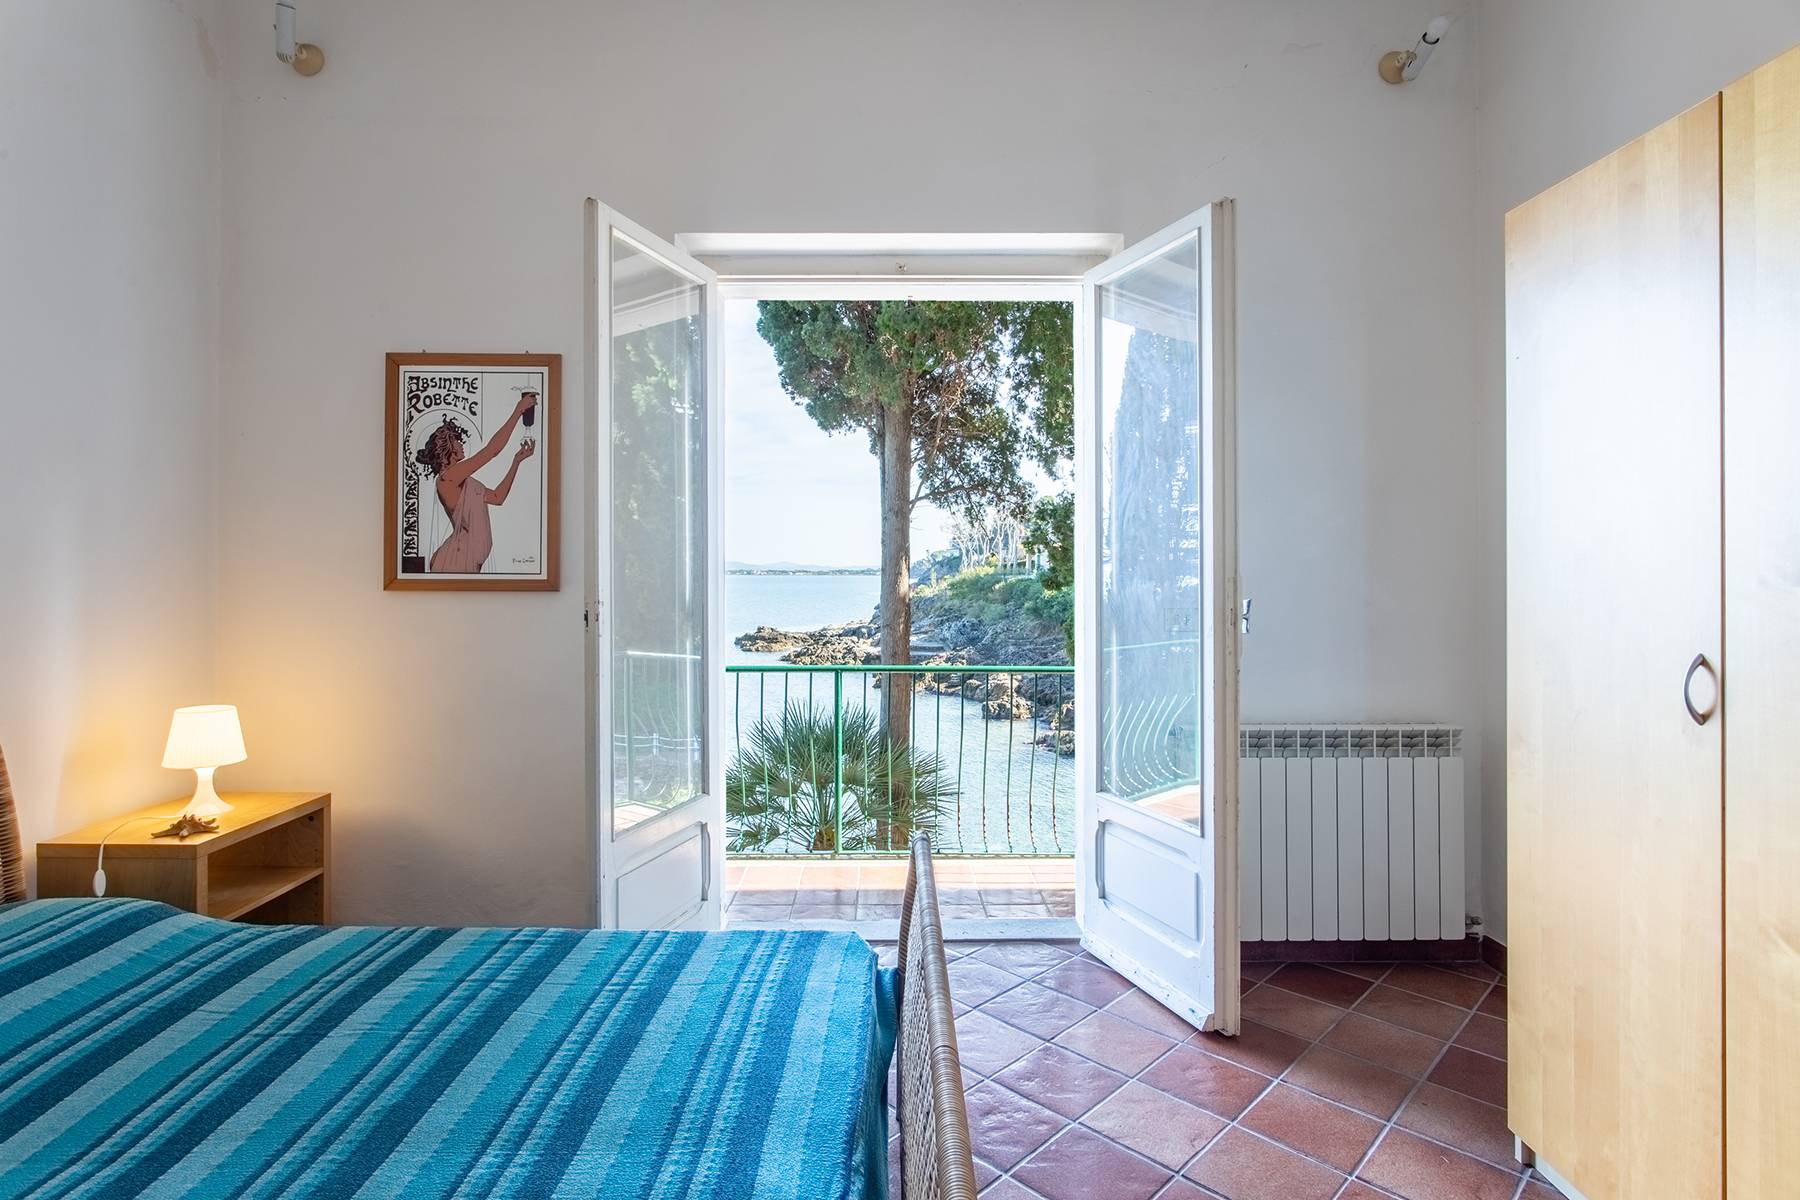 Villa in Vendita a Monte Argentario: 5 locali, 140 mq - Foto 25